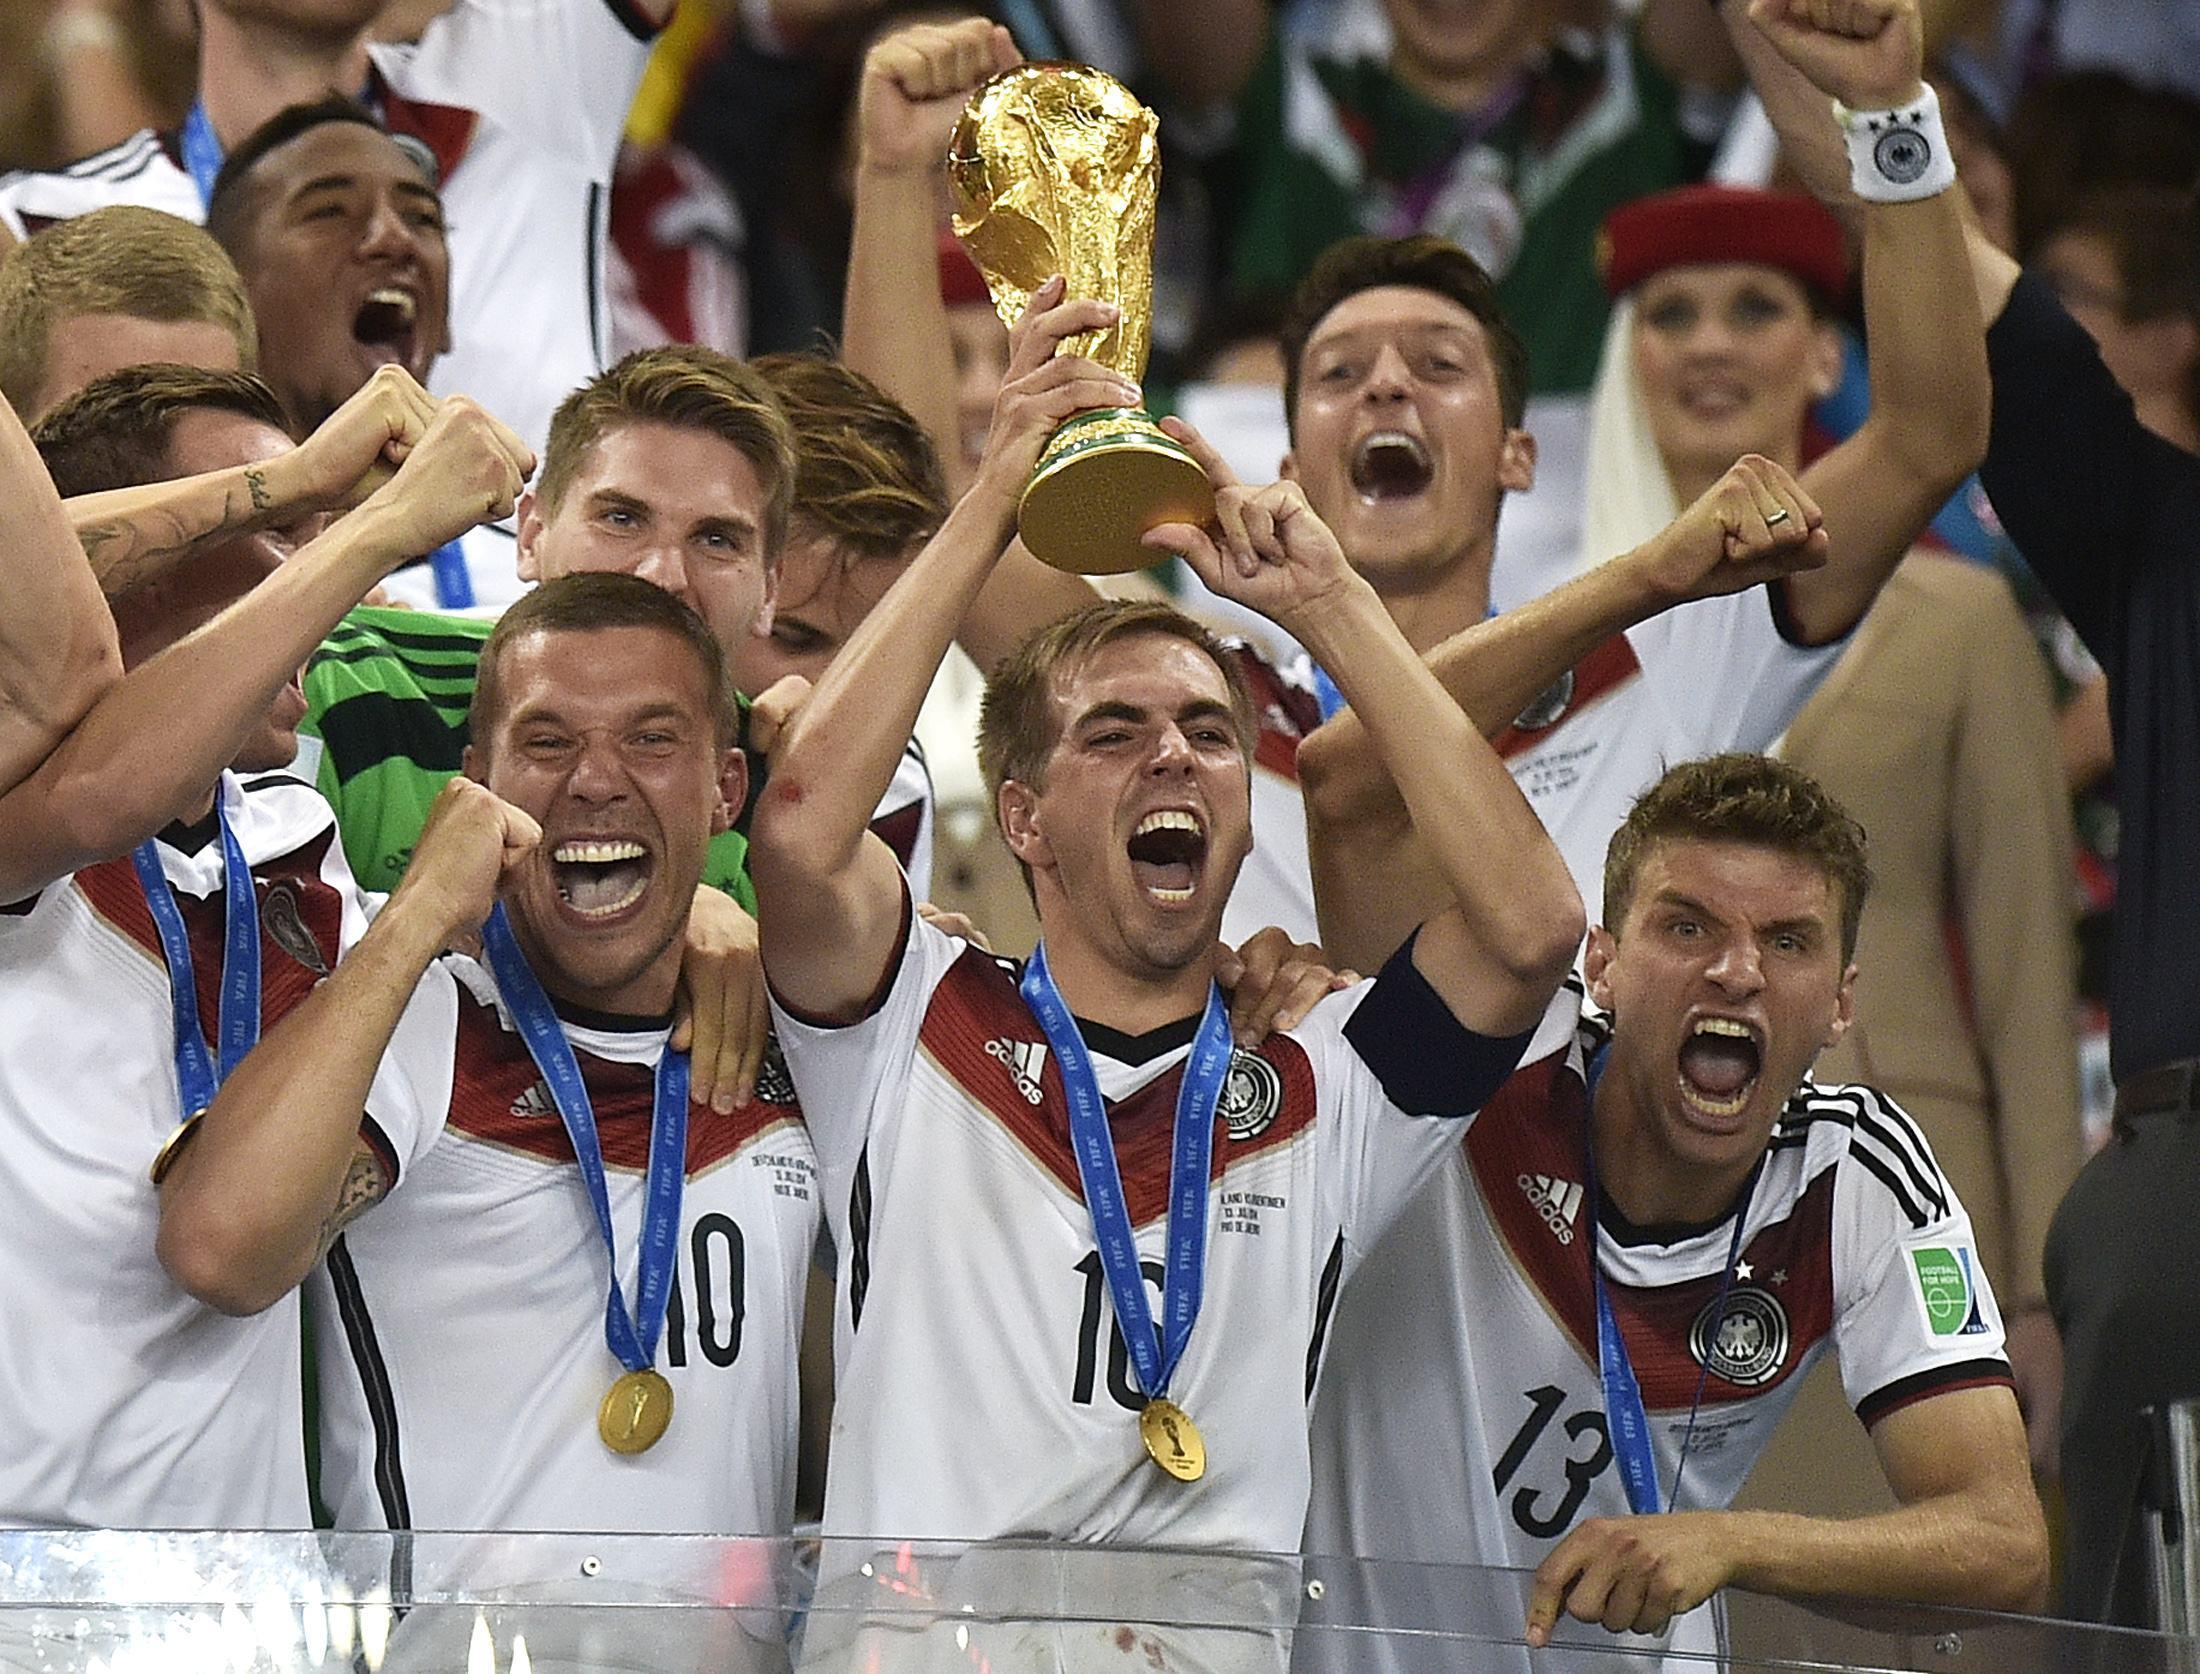 世界杯足球赛 世界杯足球赛 搜狗百科